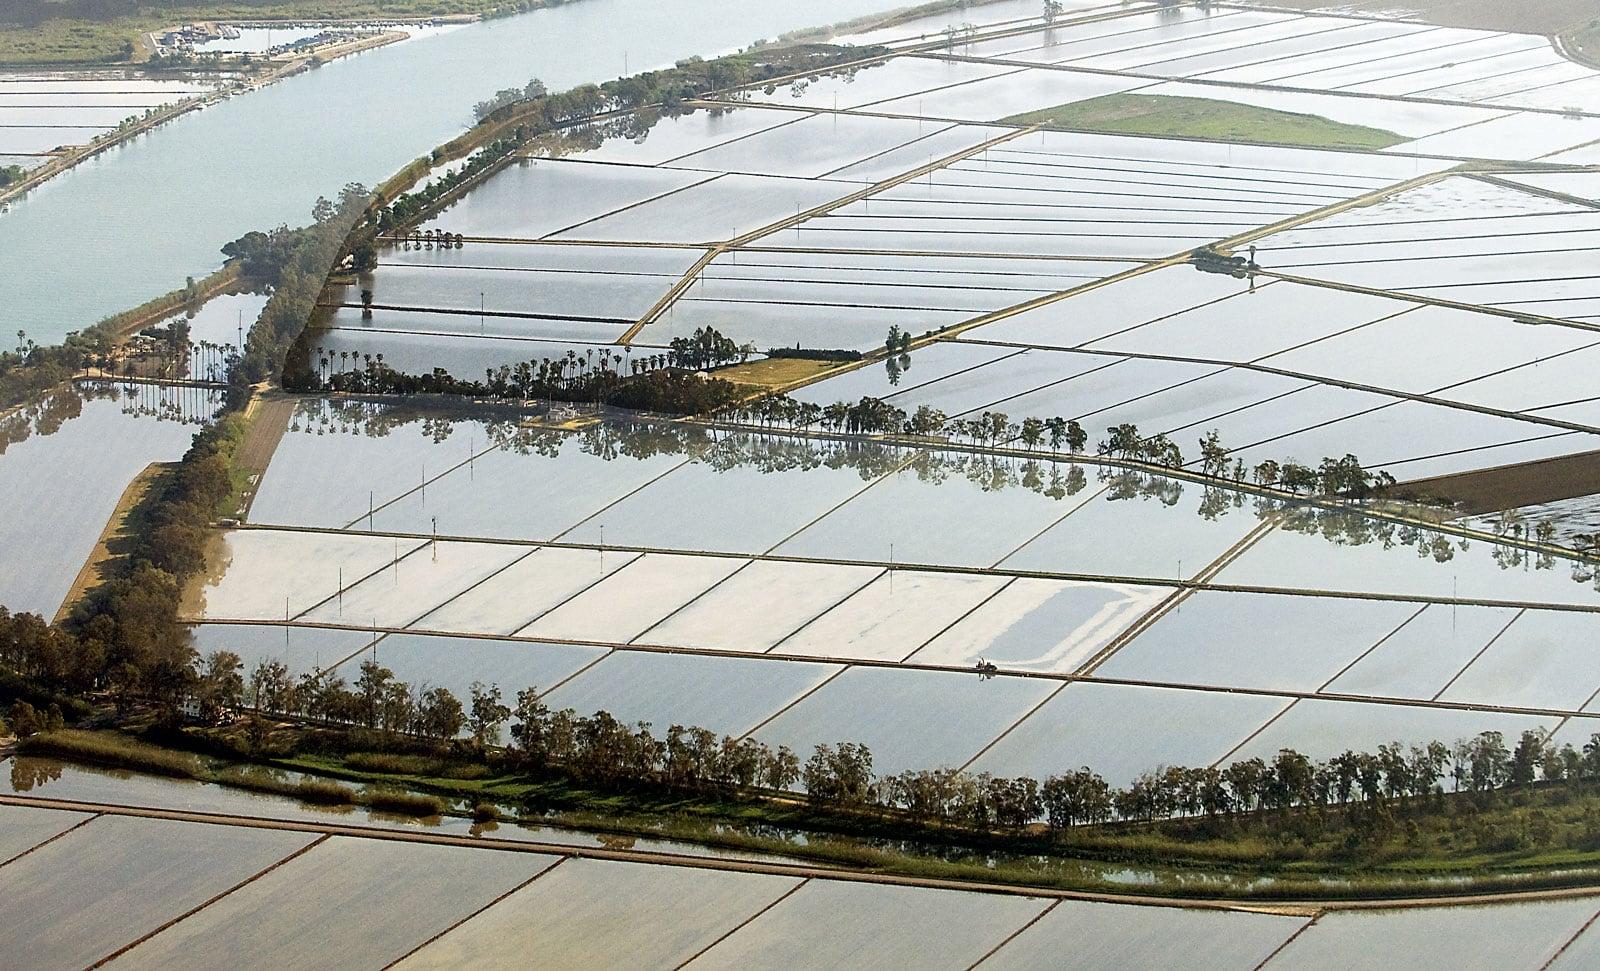 Vista aèria del Delta de l'Ebre amb els camps d'arròs anegats. Fotografia de Xavier Jubierre.